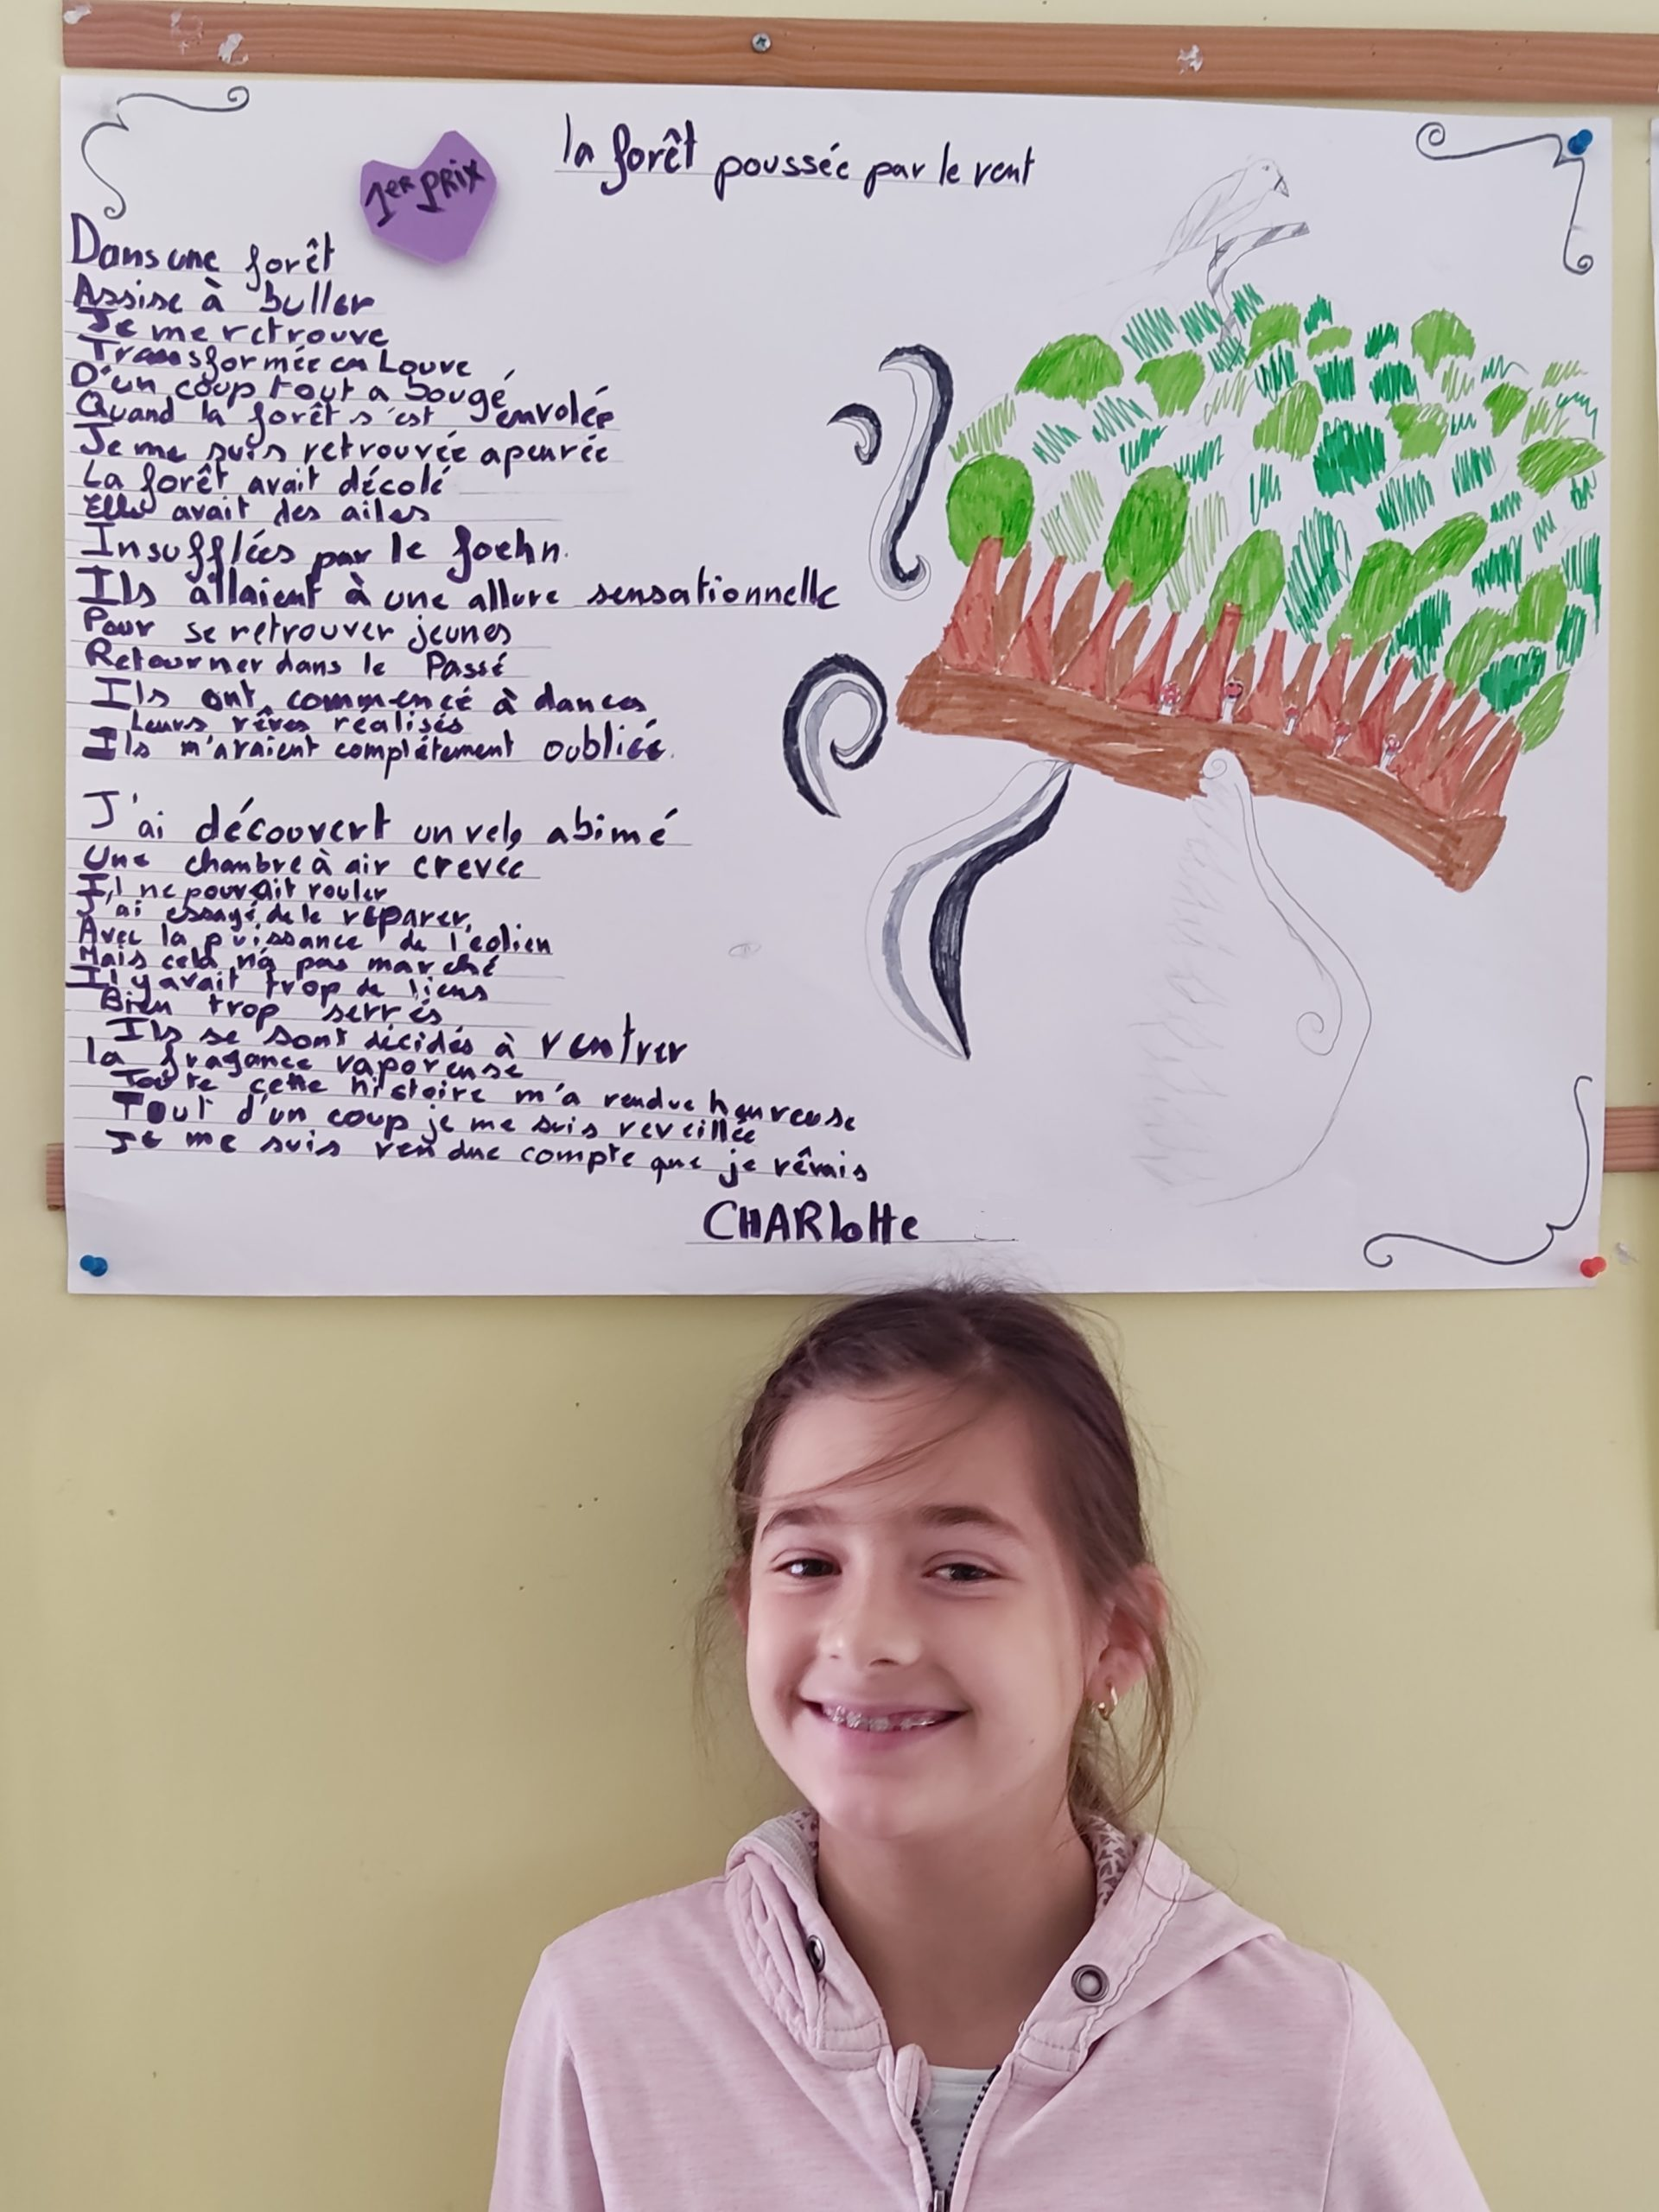 ecole sainte marie fuveau francophonie poème premier prix 2 la jeune fille qui a reçu le premier prix prise en photo et son poèrme au dessus-d'elle